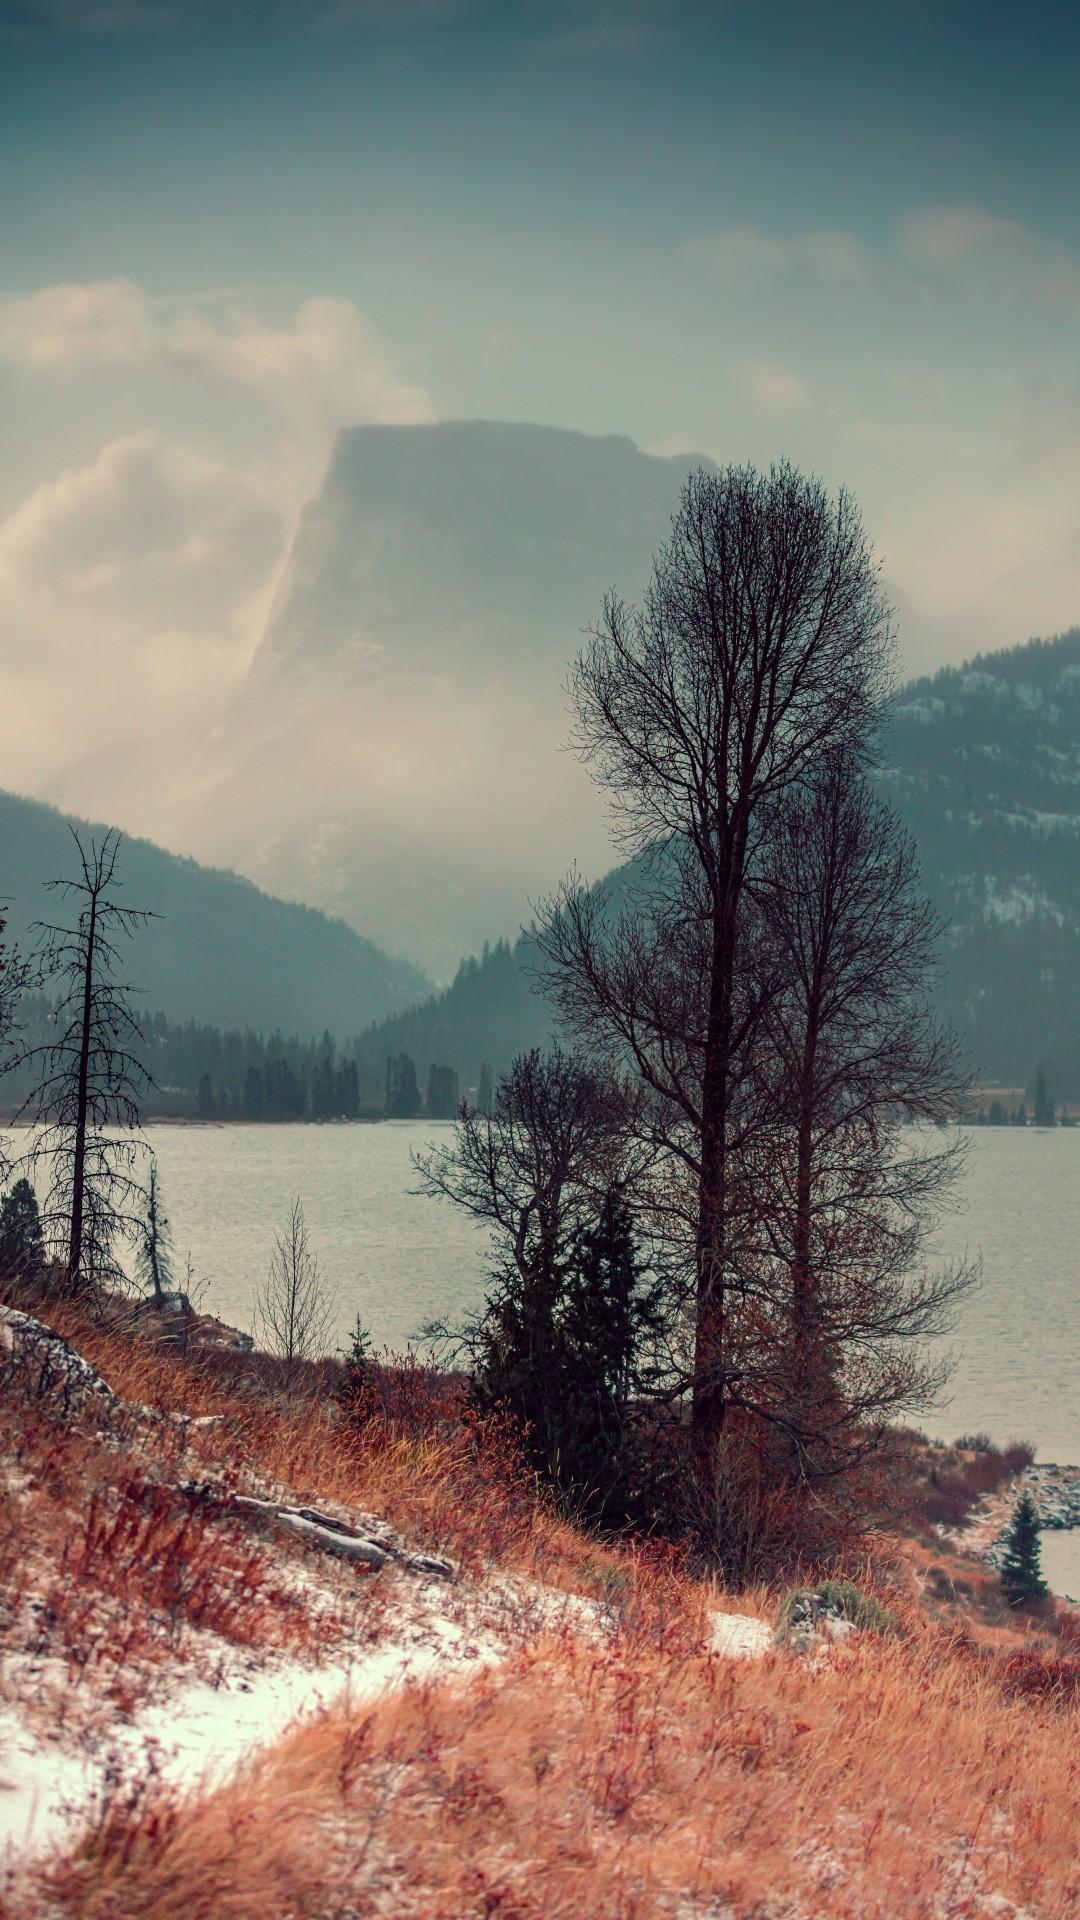 Landscape iphone 6s plus wallpaper